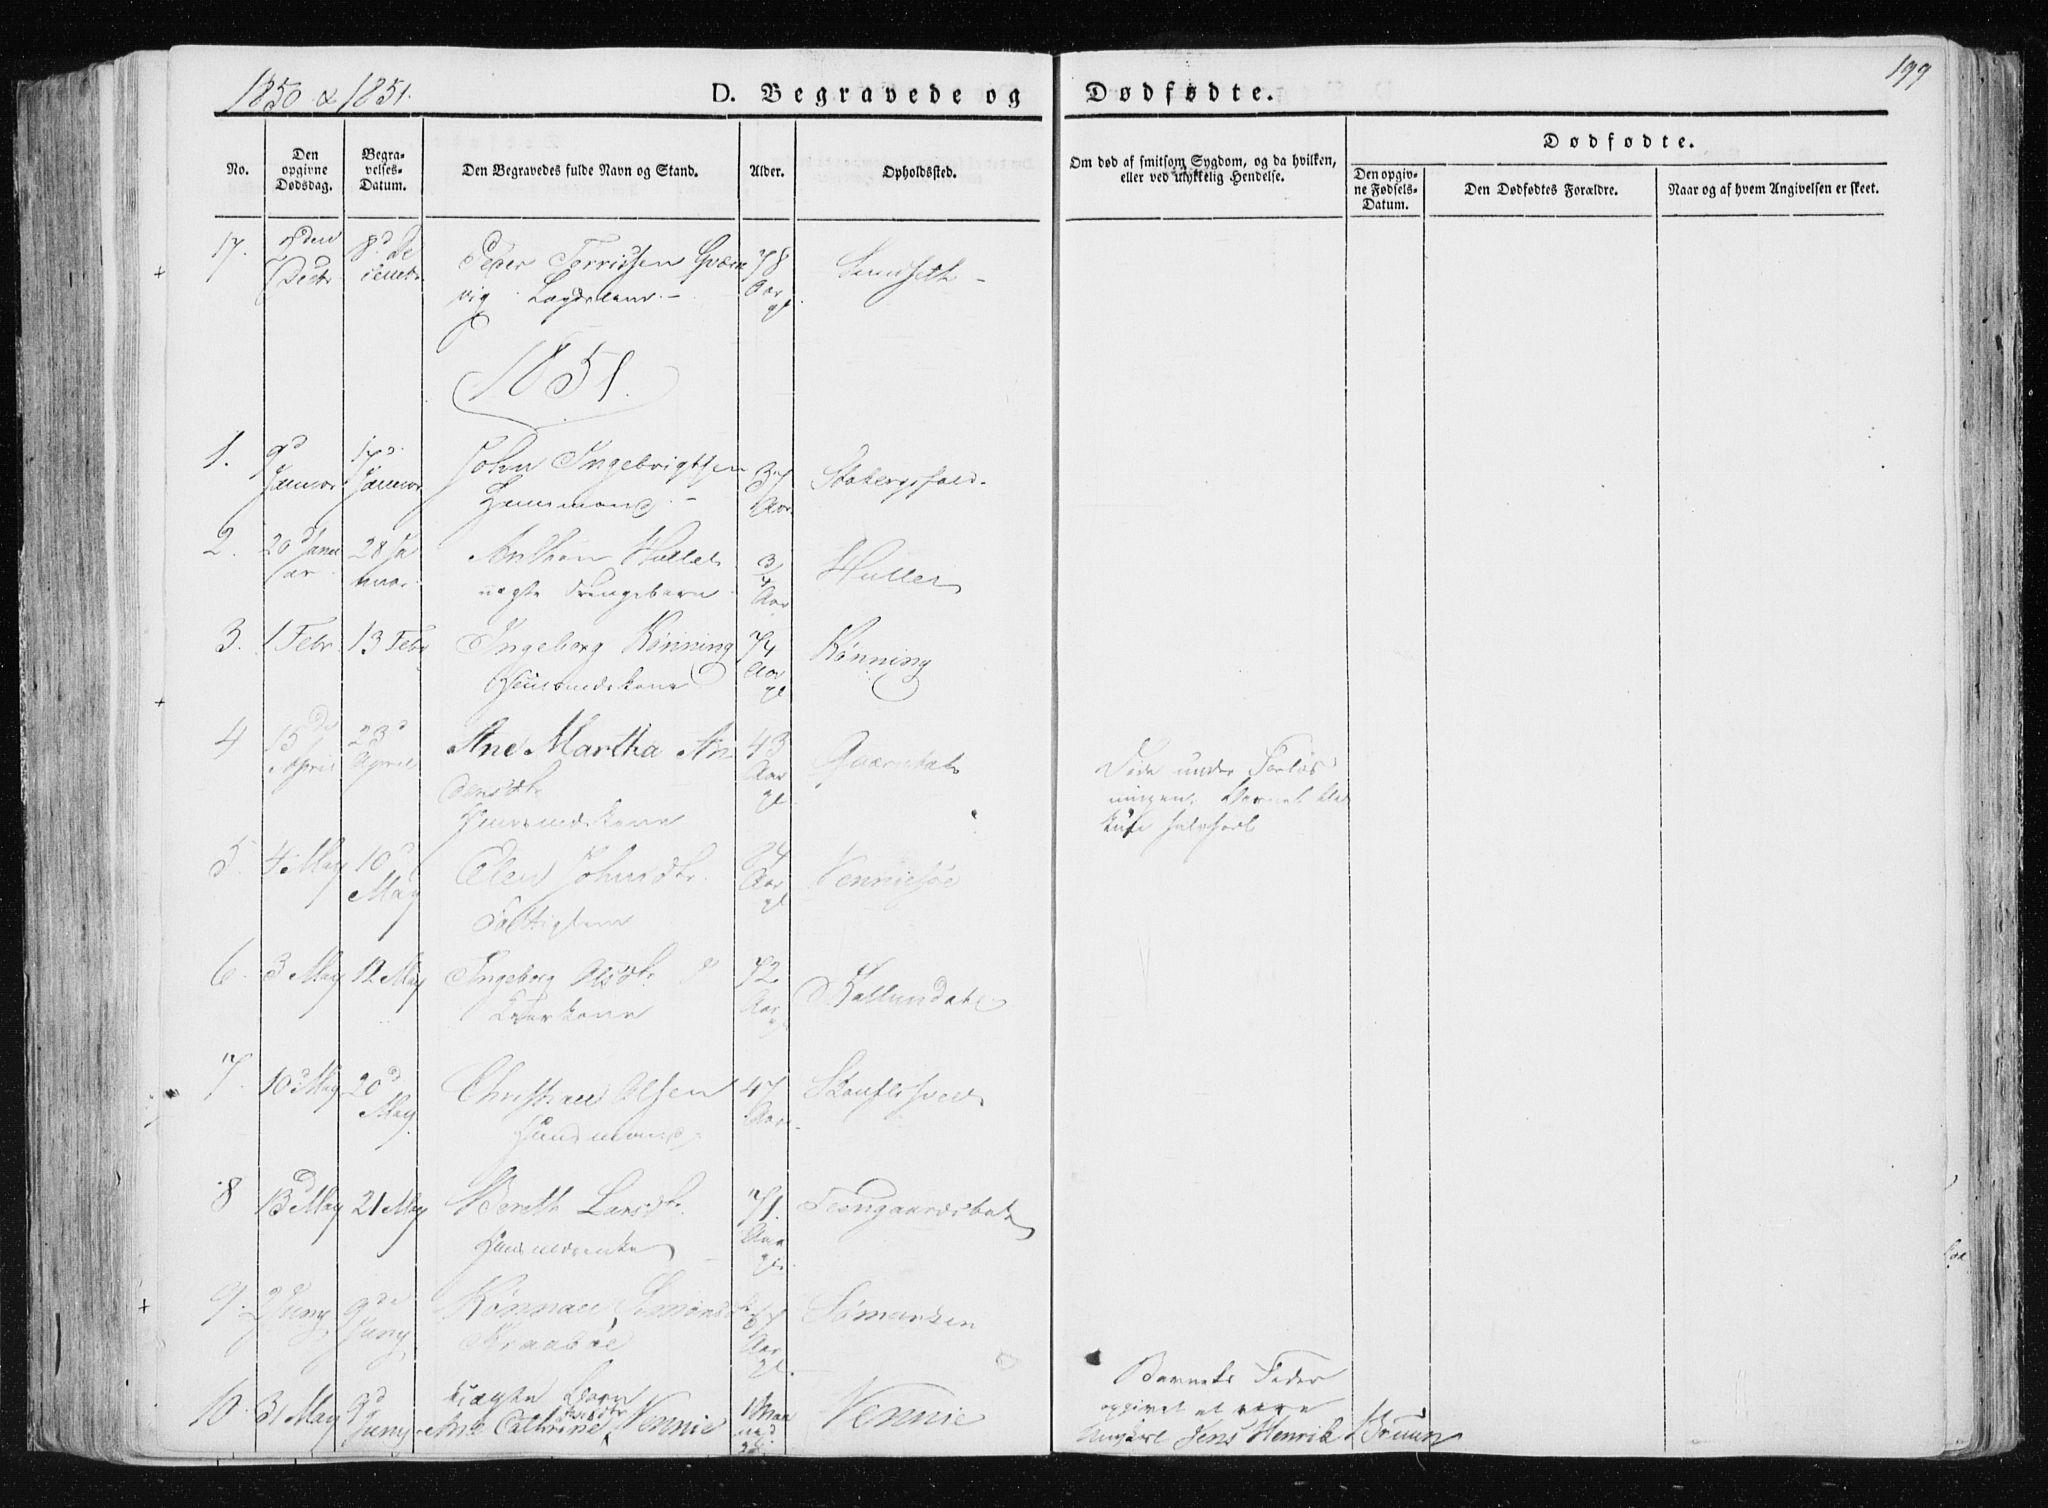 SAT, Ministerialprotokoller, klokkerbøker og fødselsregistre - Nord-Trøndelag, 733/L0323: Ministerialbok nr. 733A02, 1843-1870, s. 199